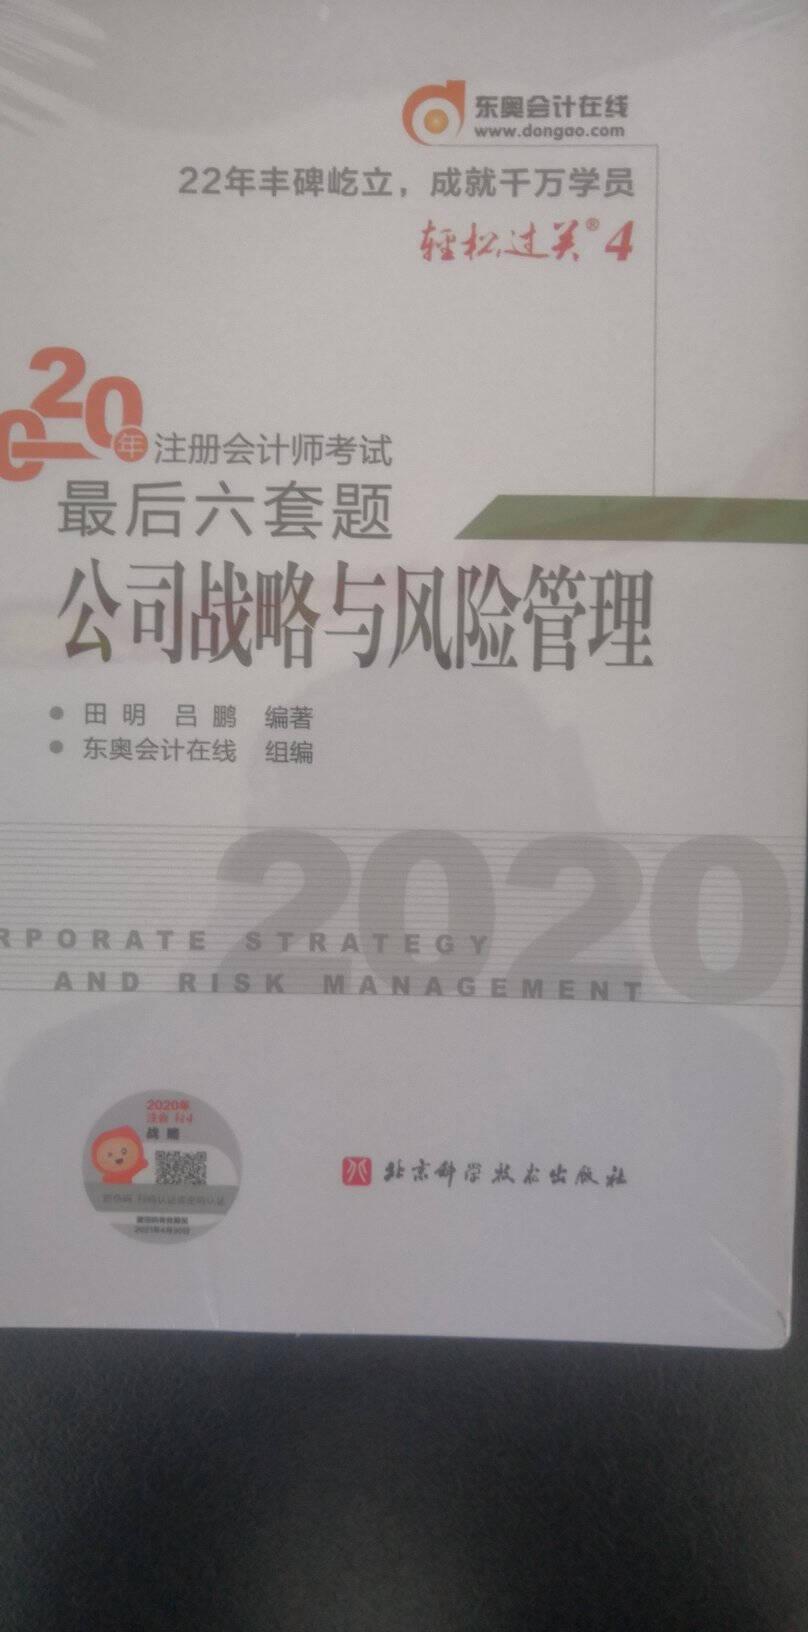 东奥会计在线注册会计师2020教材CPA公司战略与风险管理轻松过关42020年注册会计师考试考前最后六套题